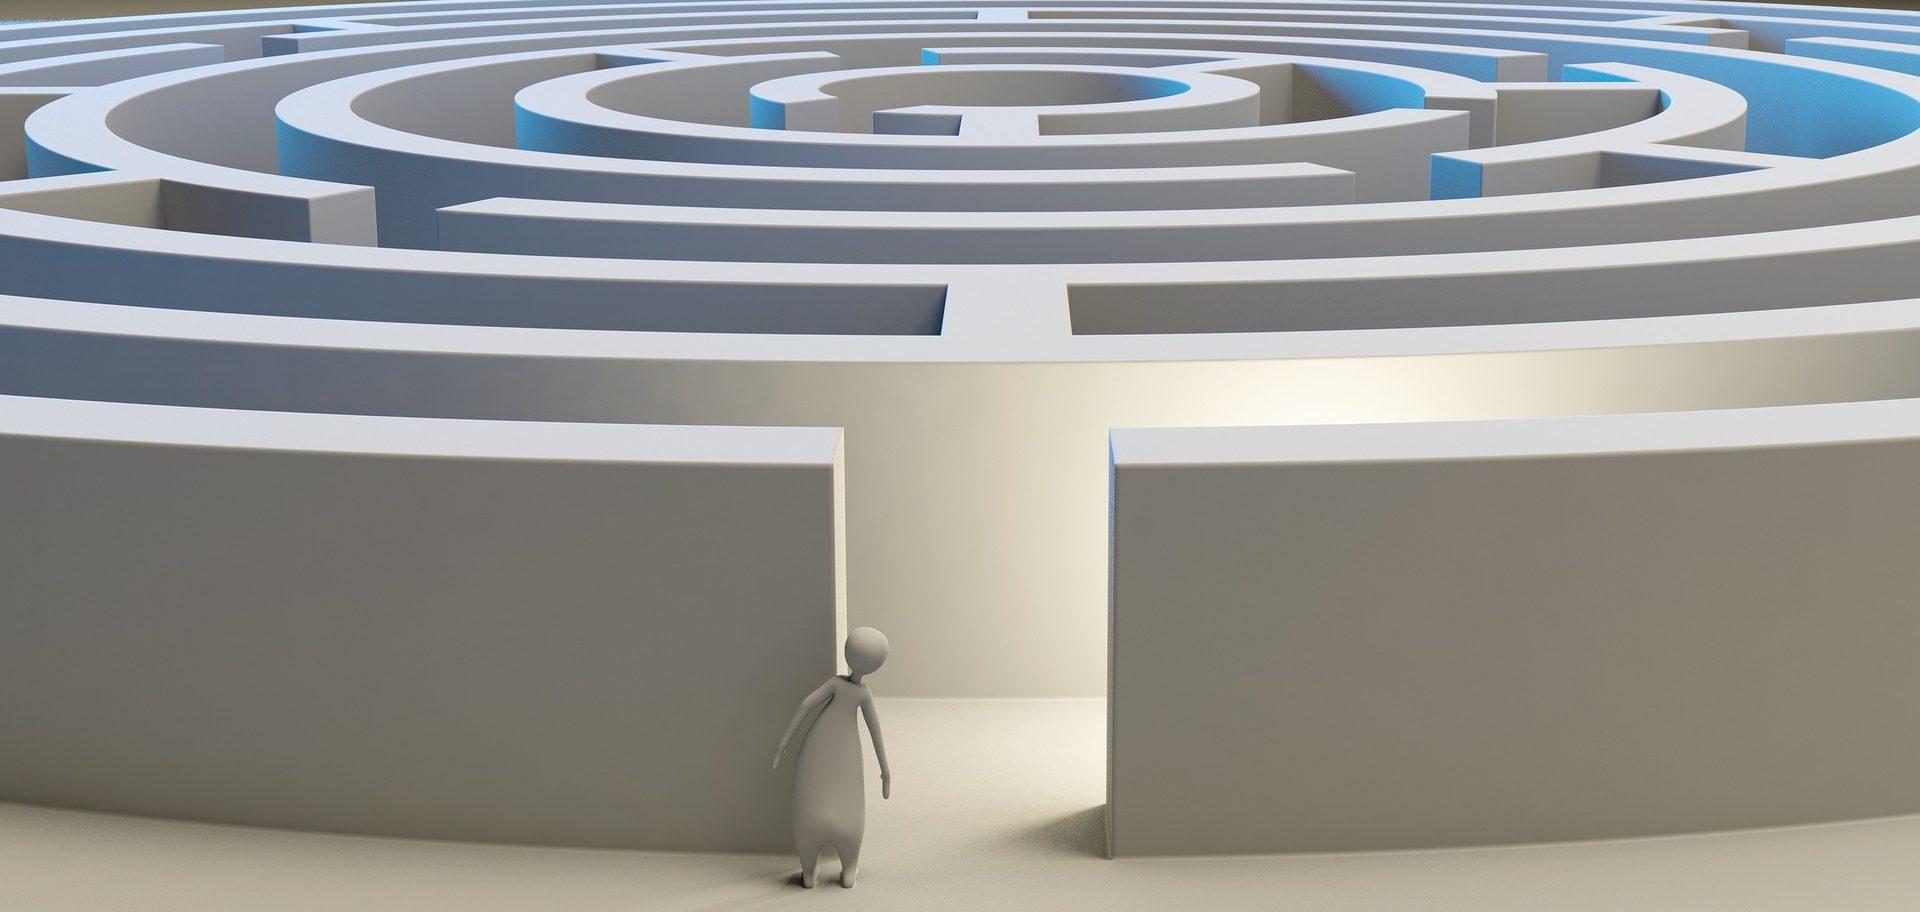 Labirintus bejárata előtt álló óvatos emberalak